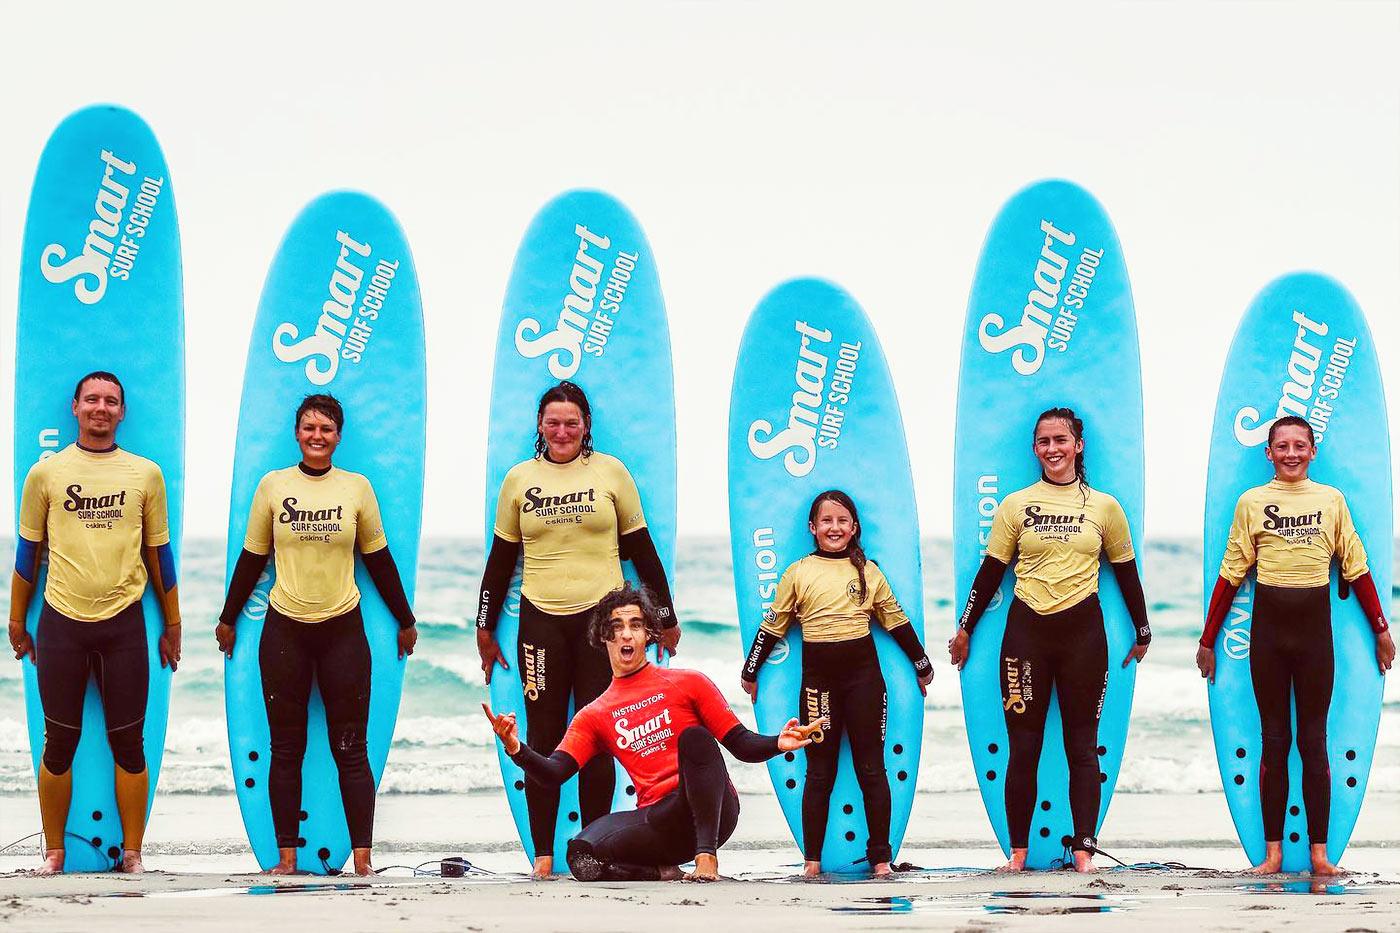 Smart-surf-school